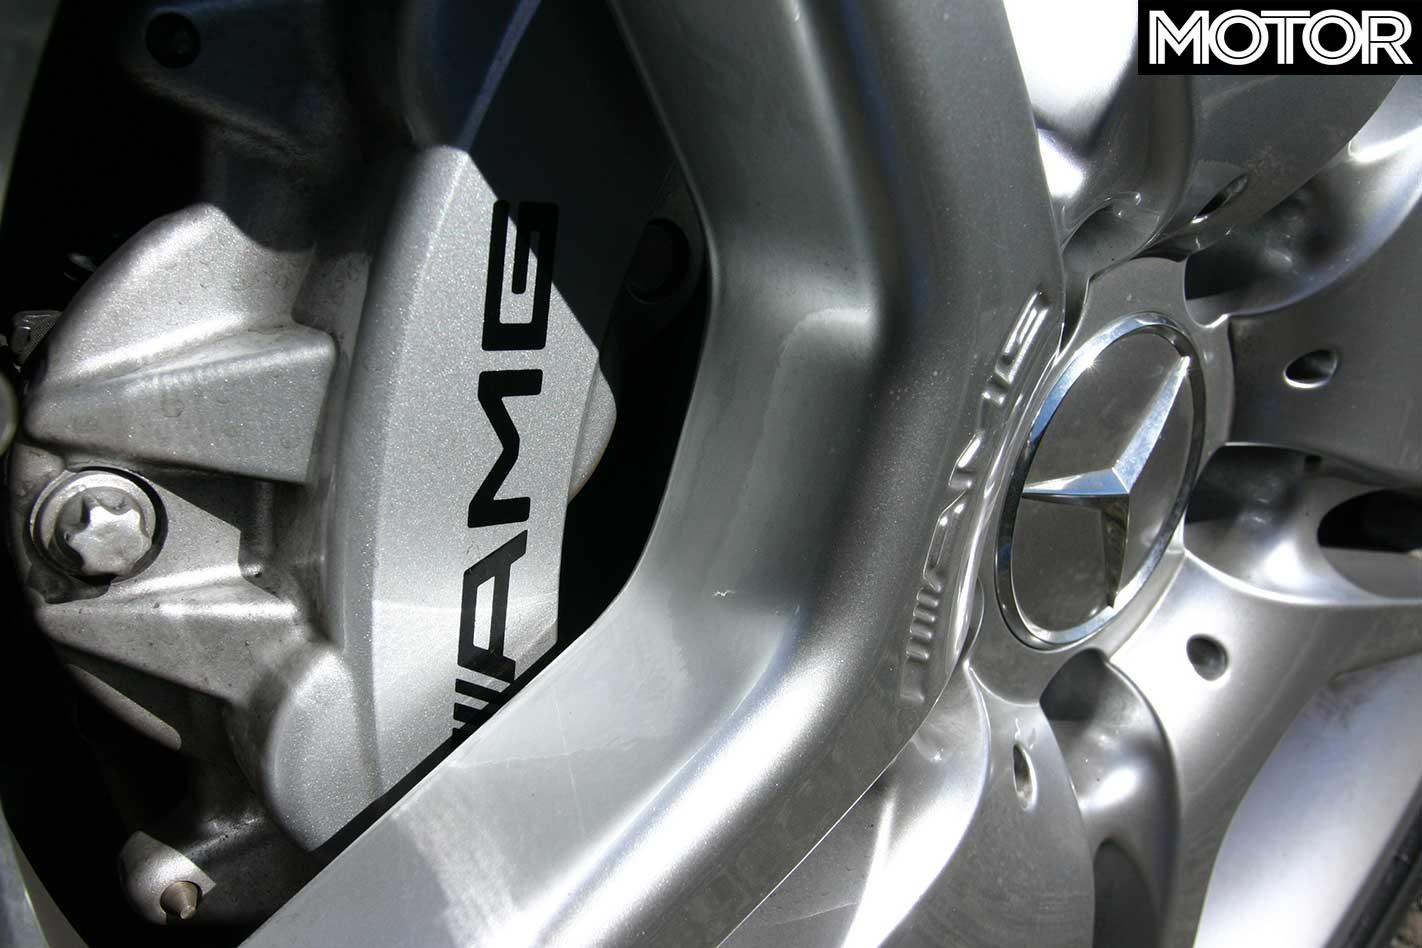 2004 Mercedes-Benz E55 AMG Estate review: classic MOTOR